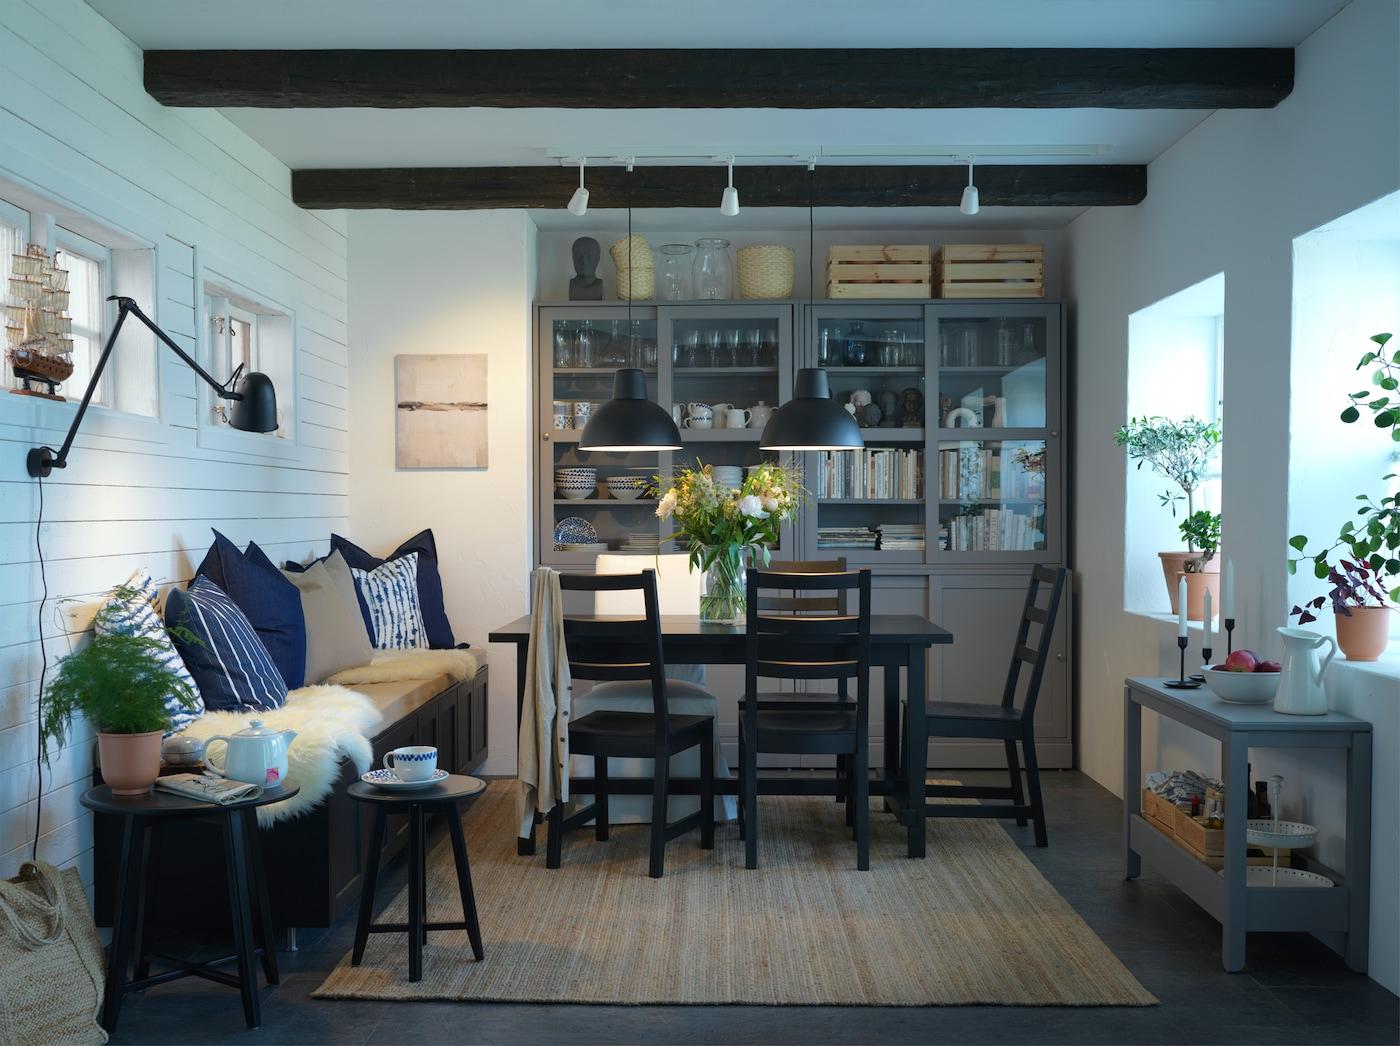 Salle manger look traditionnel et confort moderne ikea - Ikea salle a manger moderne ...